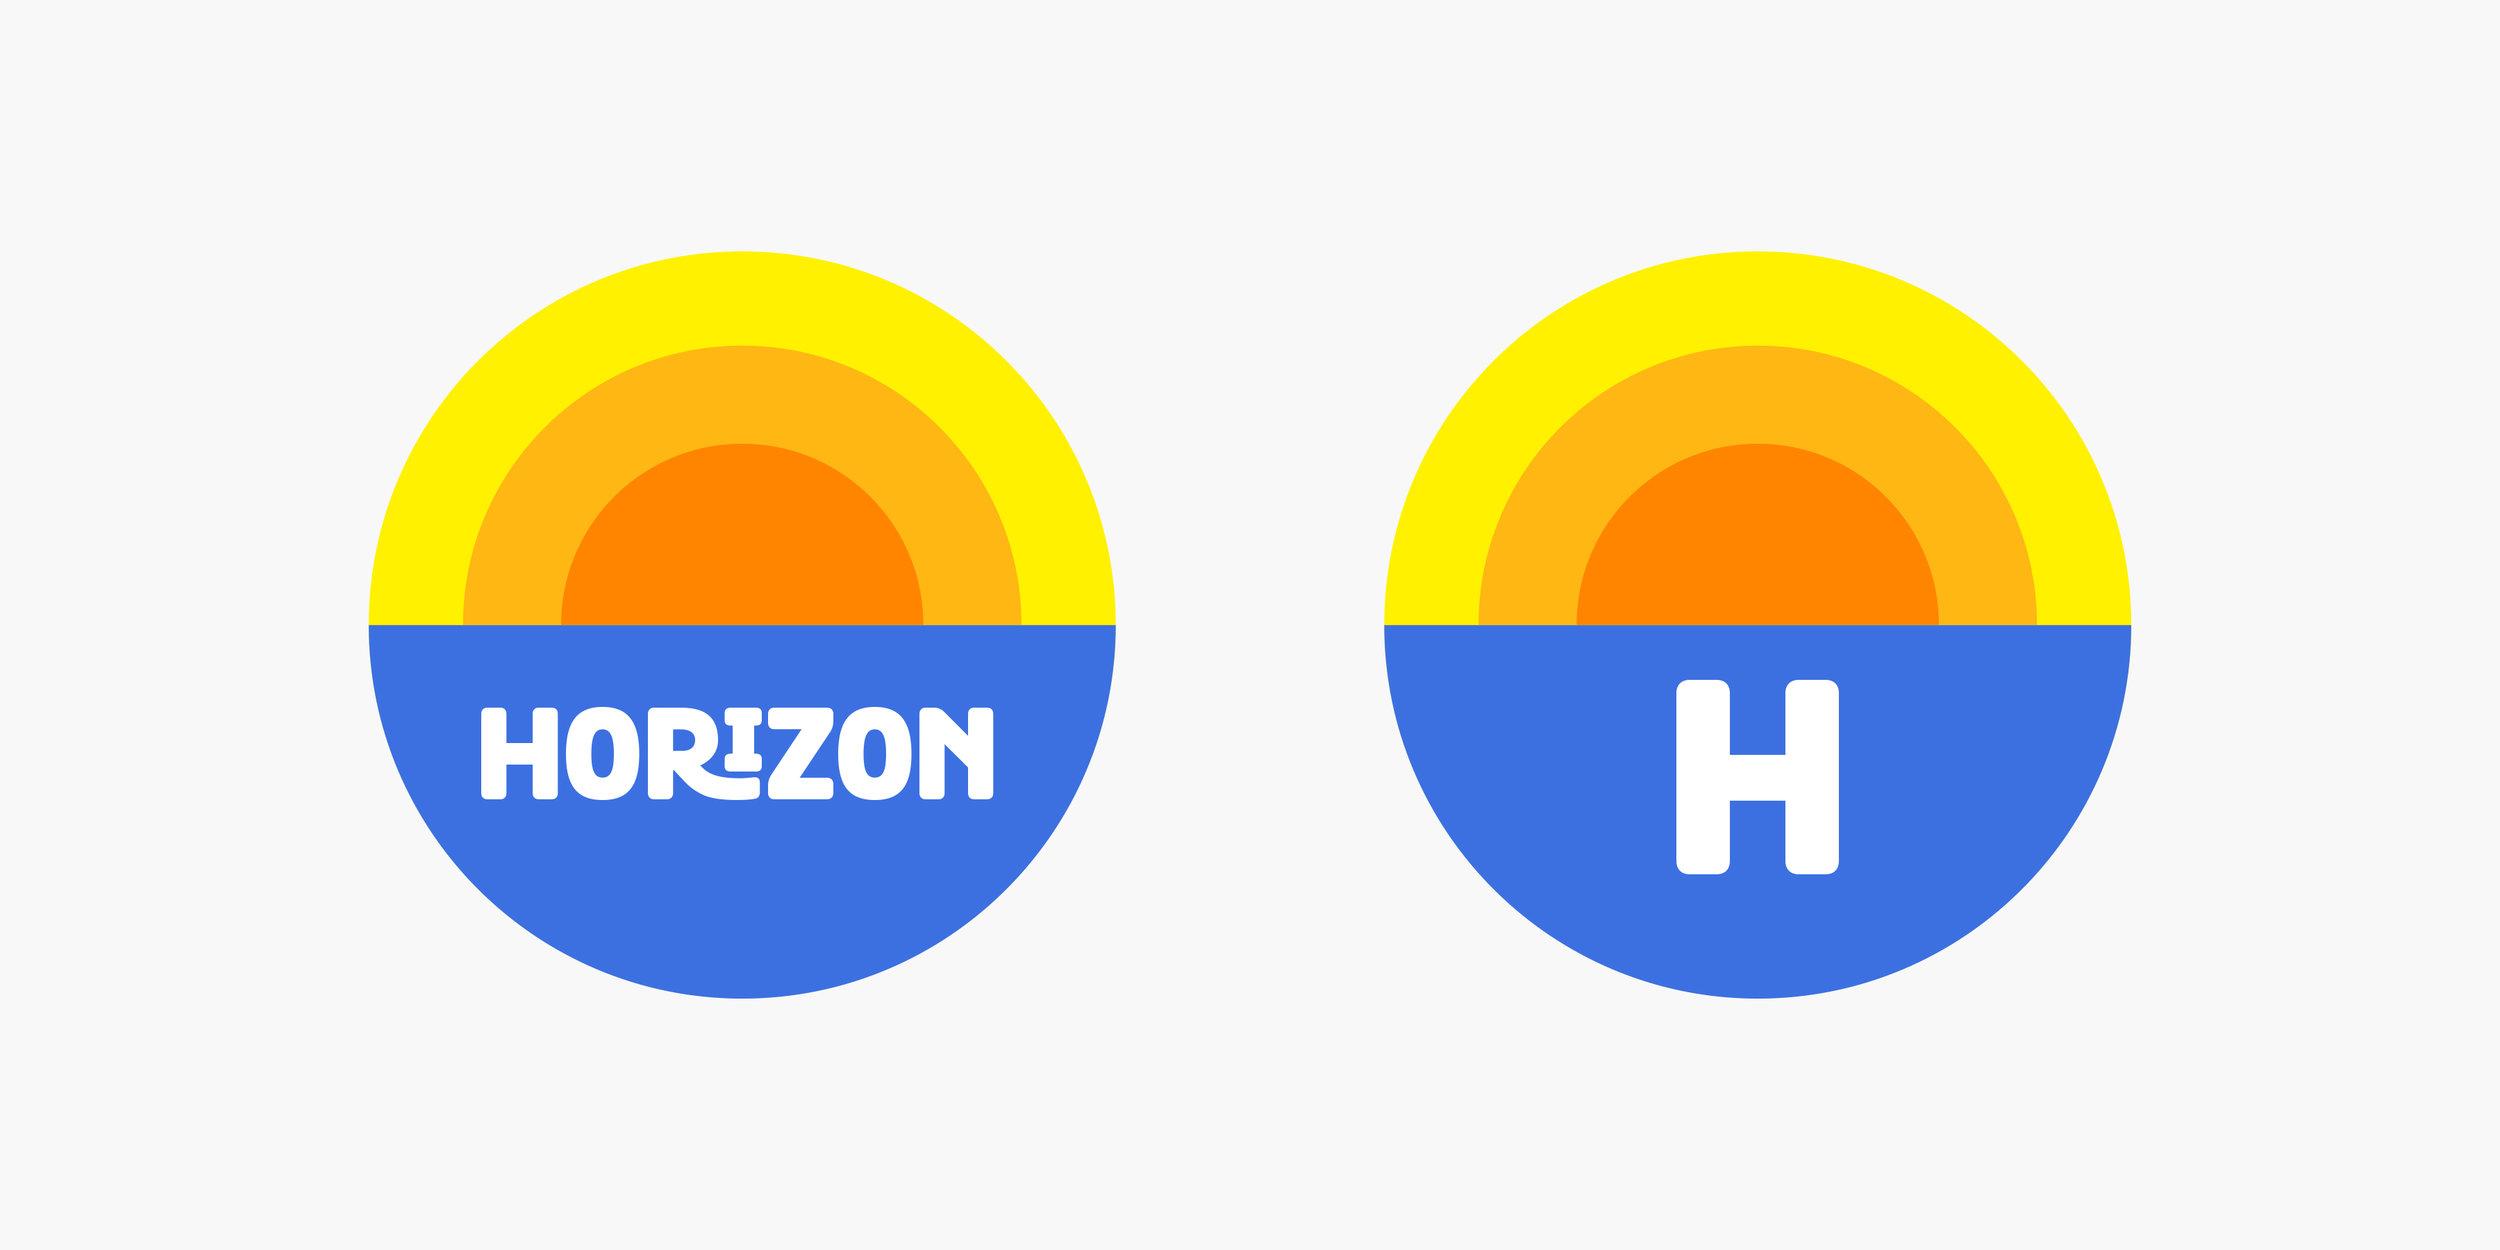 horizon logos.jpg